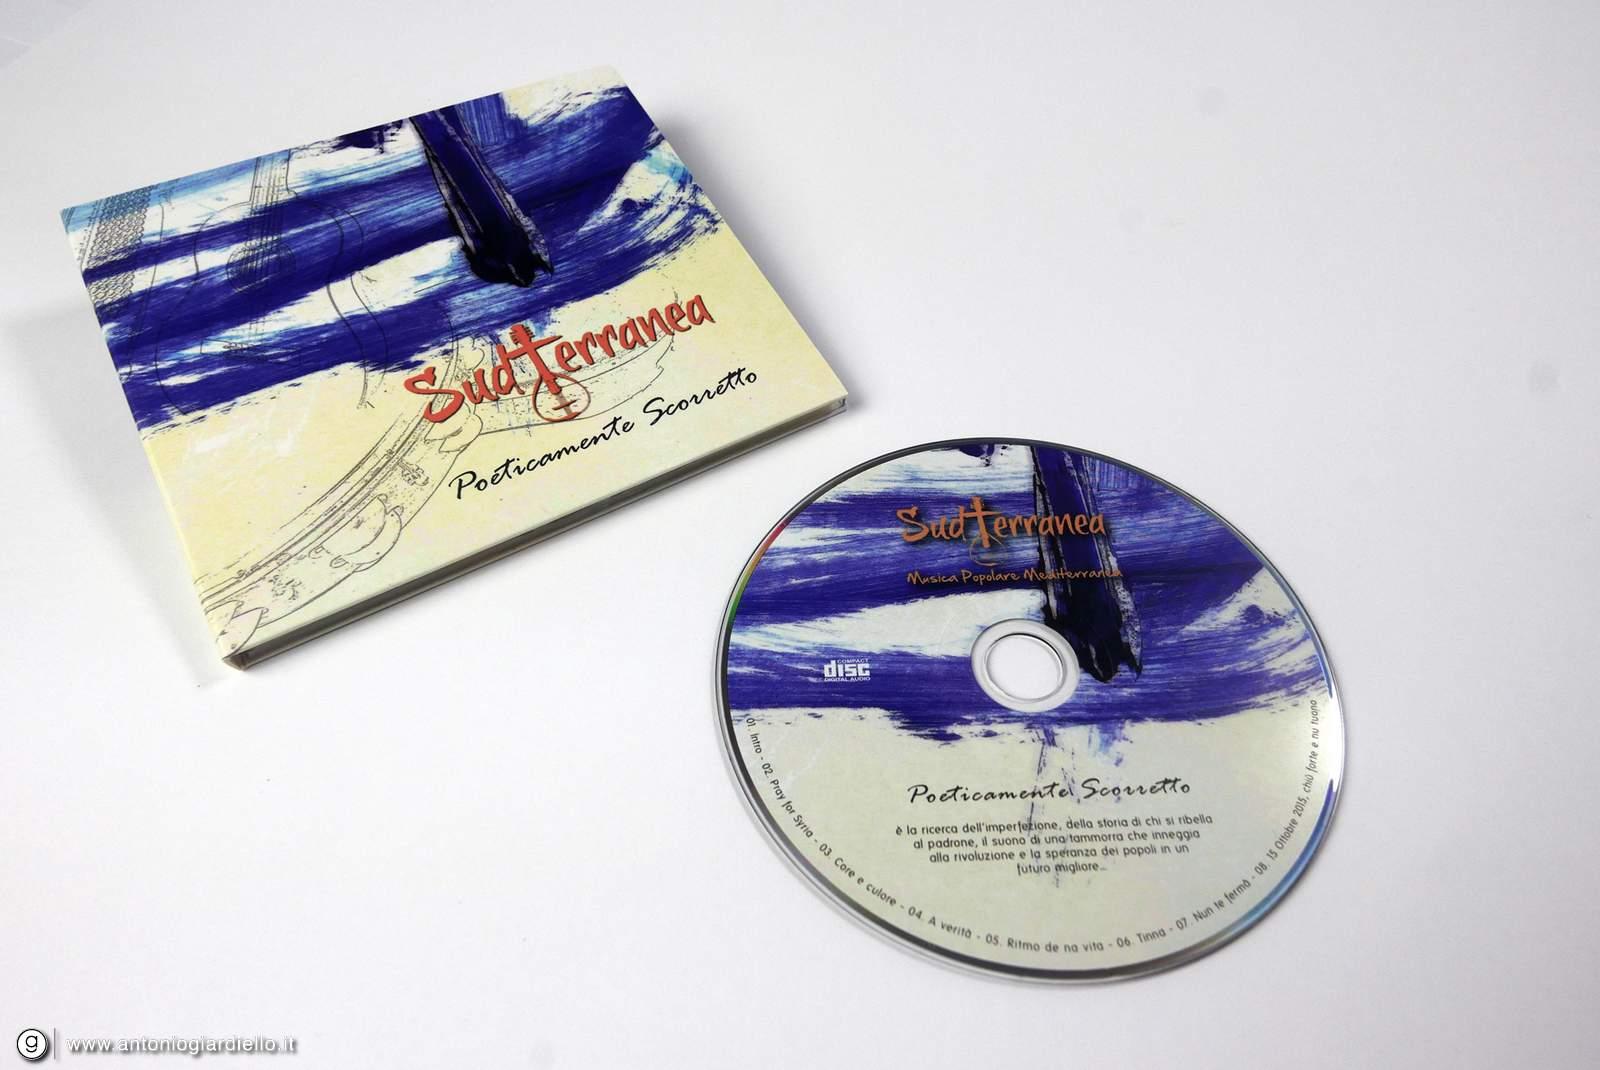 progettazione grafica album musicale poeticamente scorretto dei sudterranea7.jpg